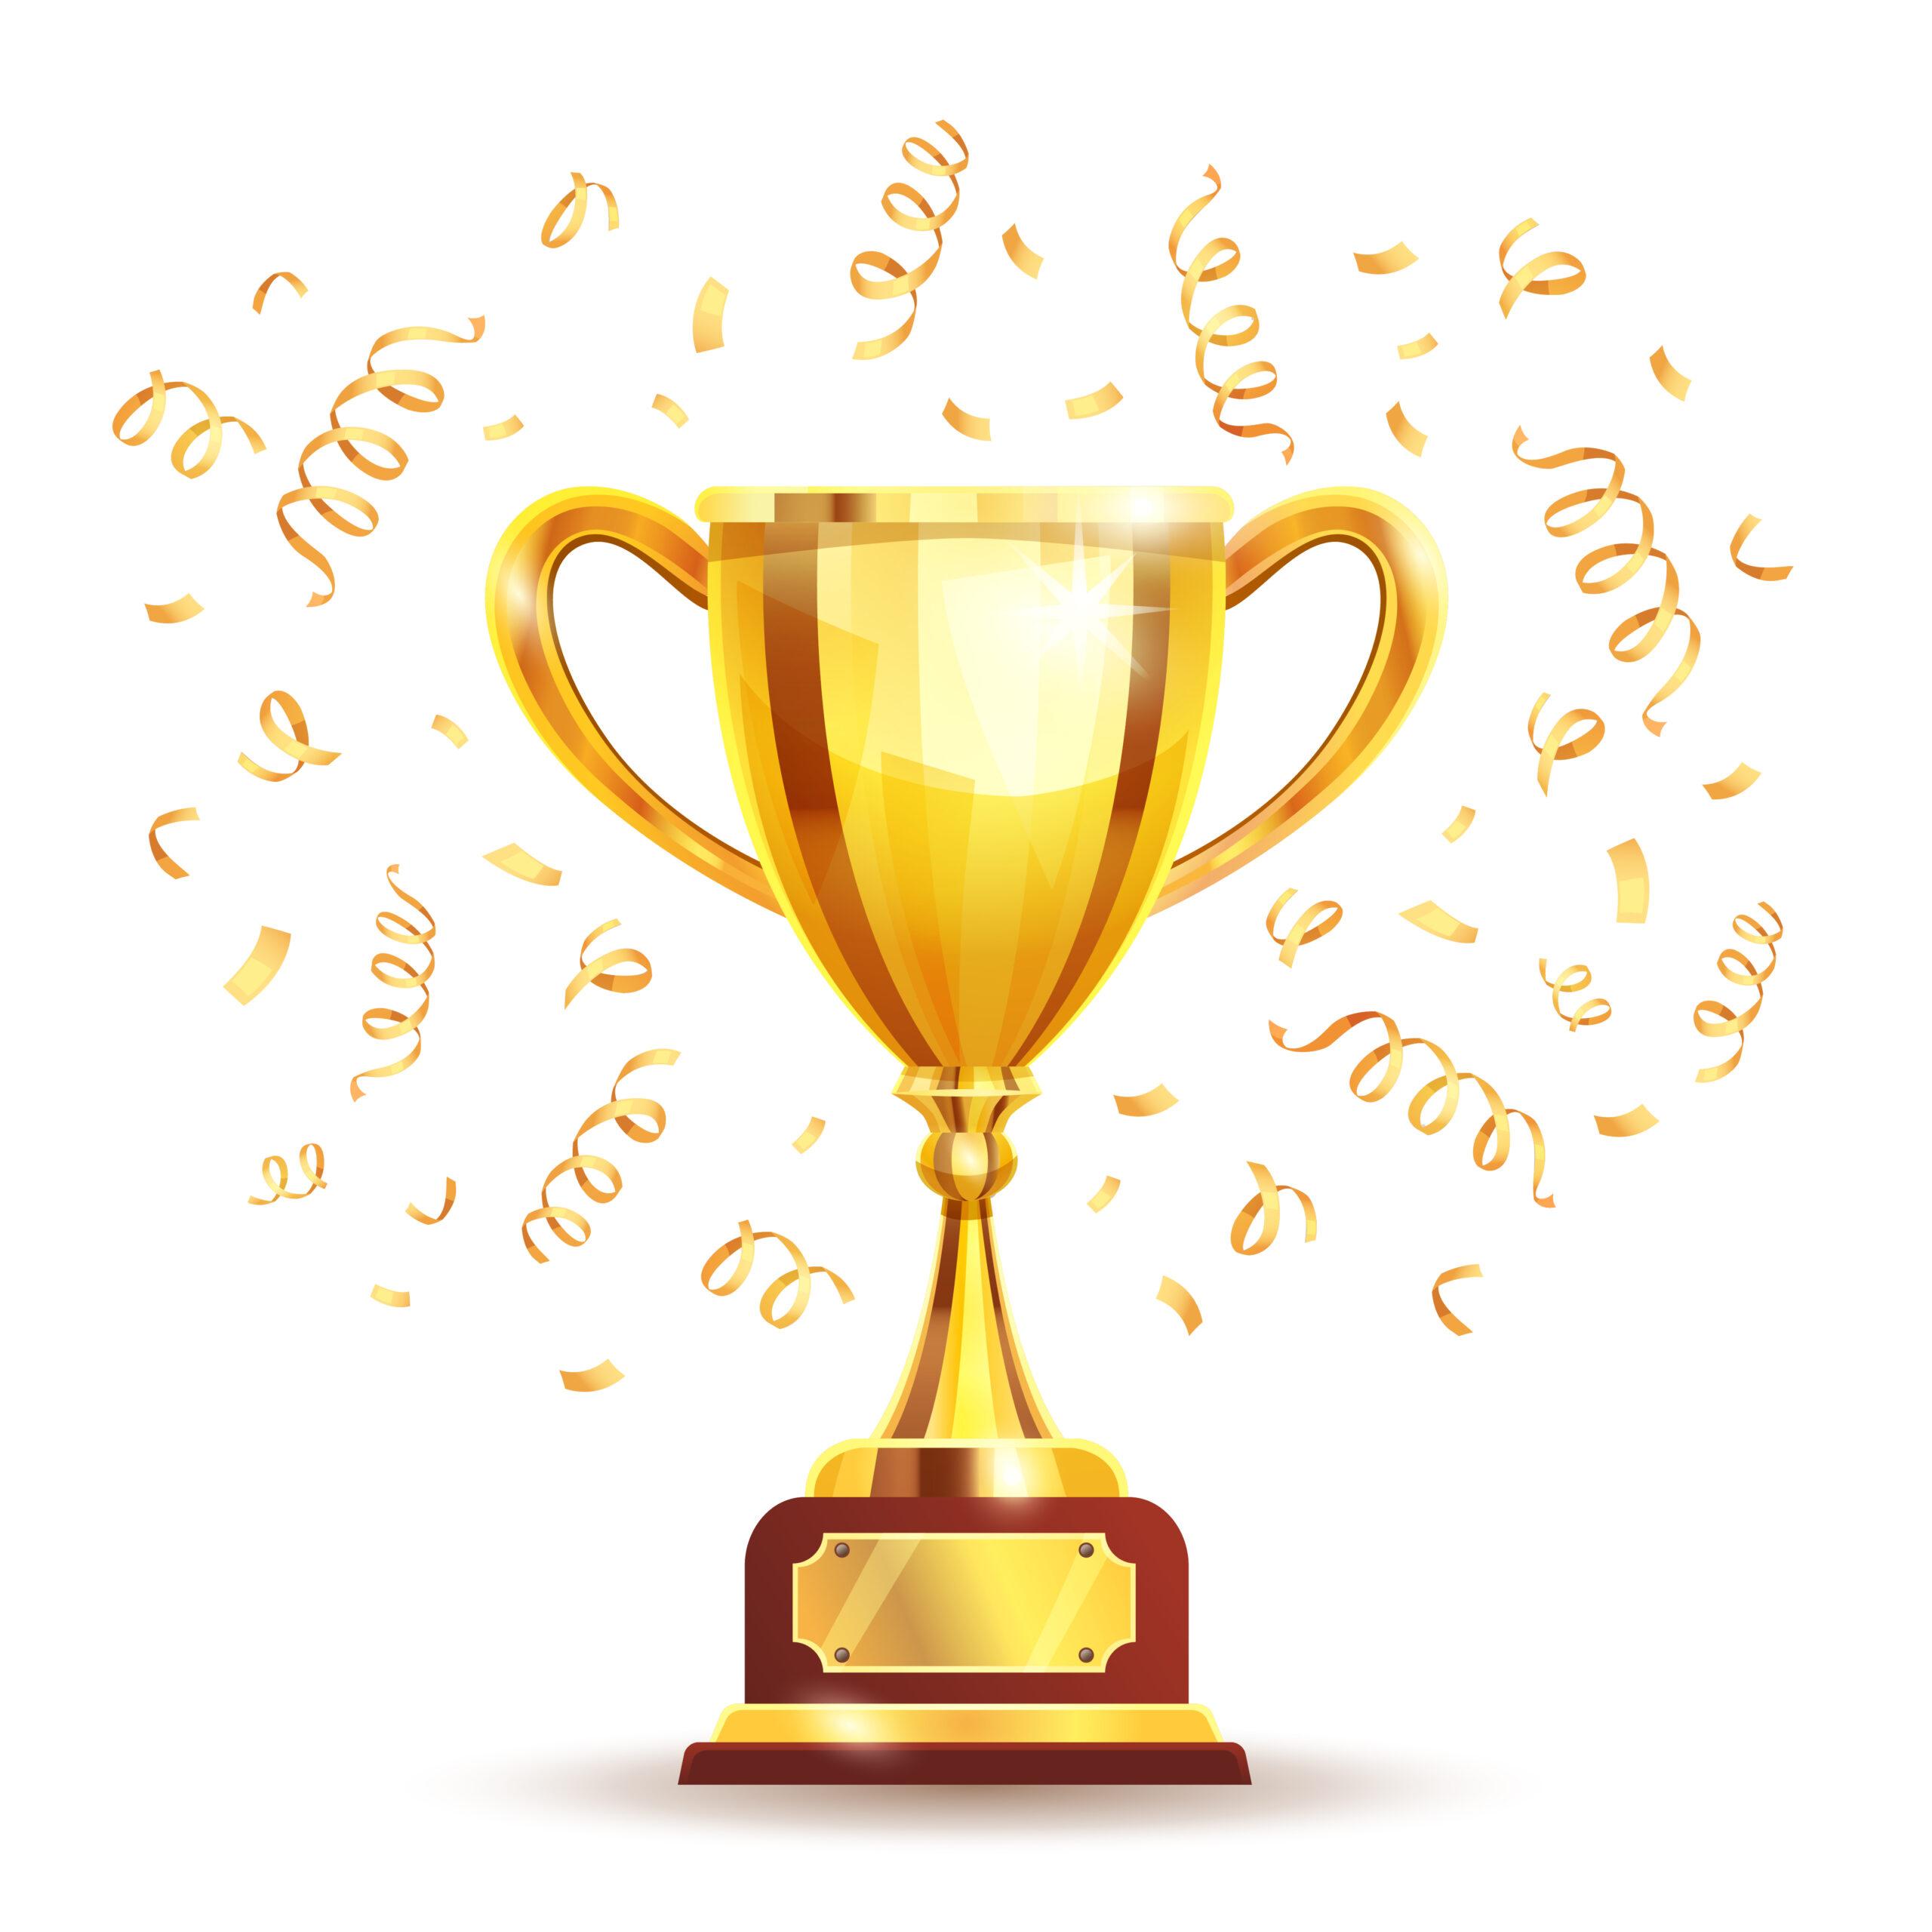 Изобретение кванторианца завоевало золото на мировом конкурсе!